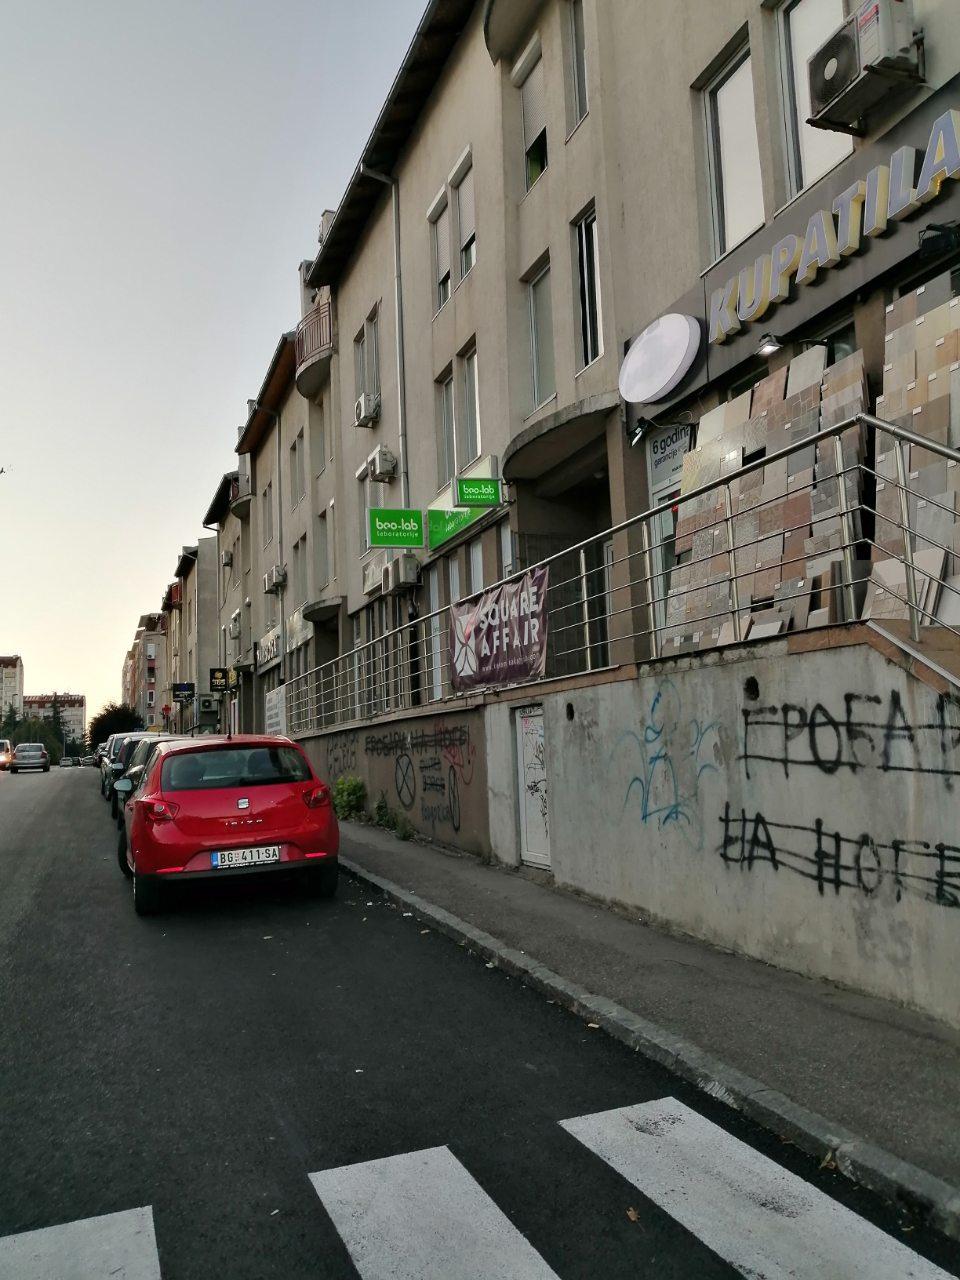 Beo-lab laboratorija Žarkovo, Ratka Mitrovića 148 1